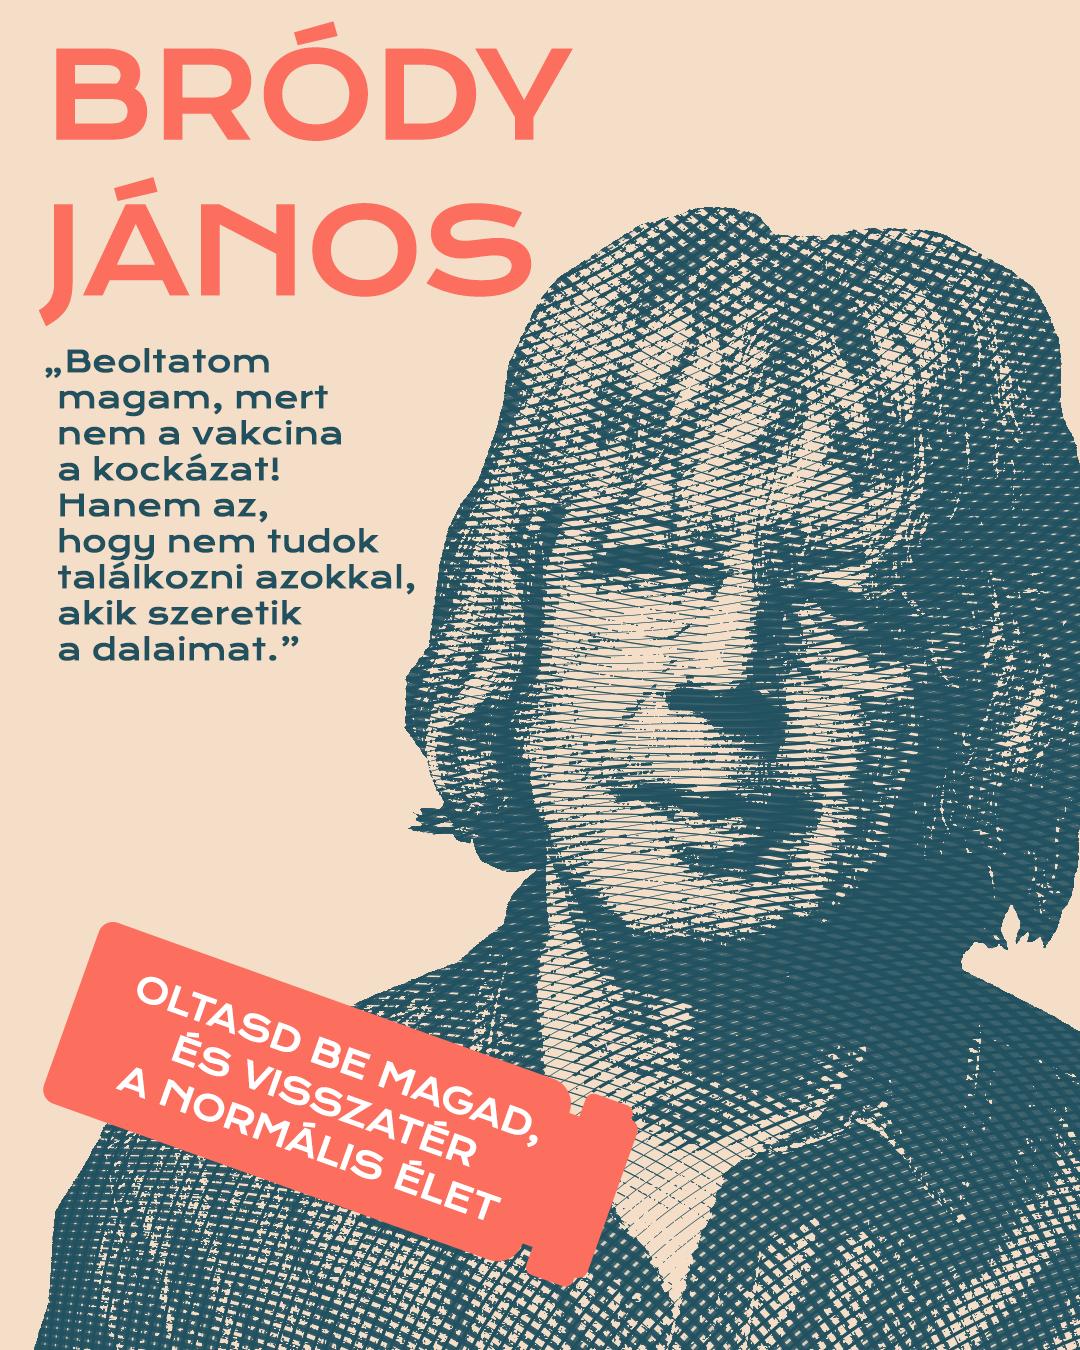 Bródy János Mok kampány